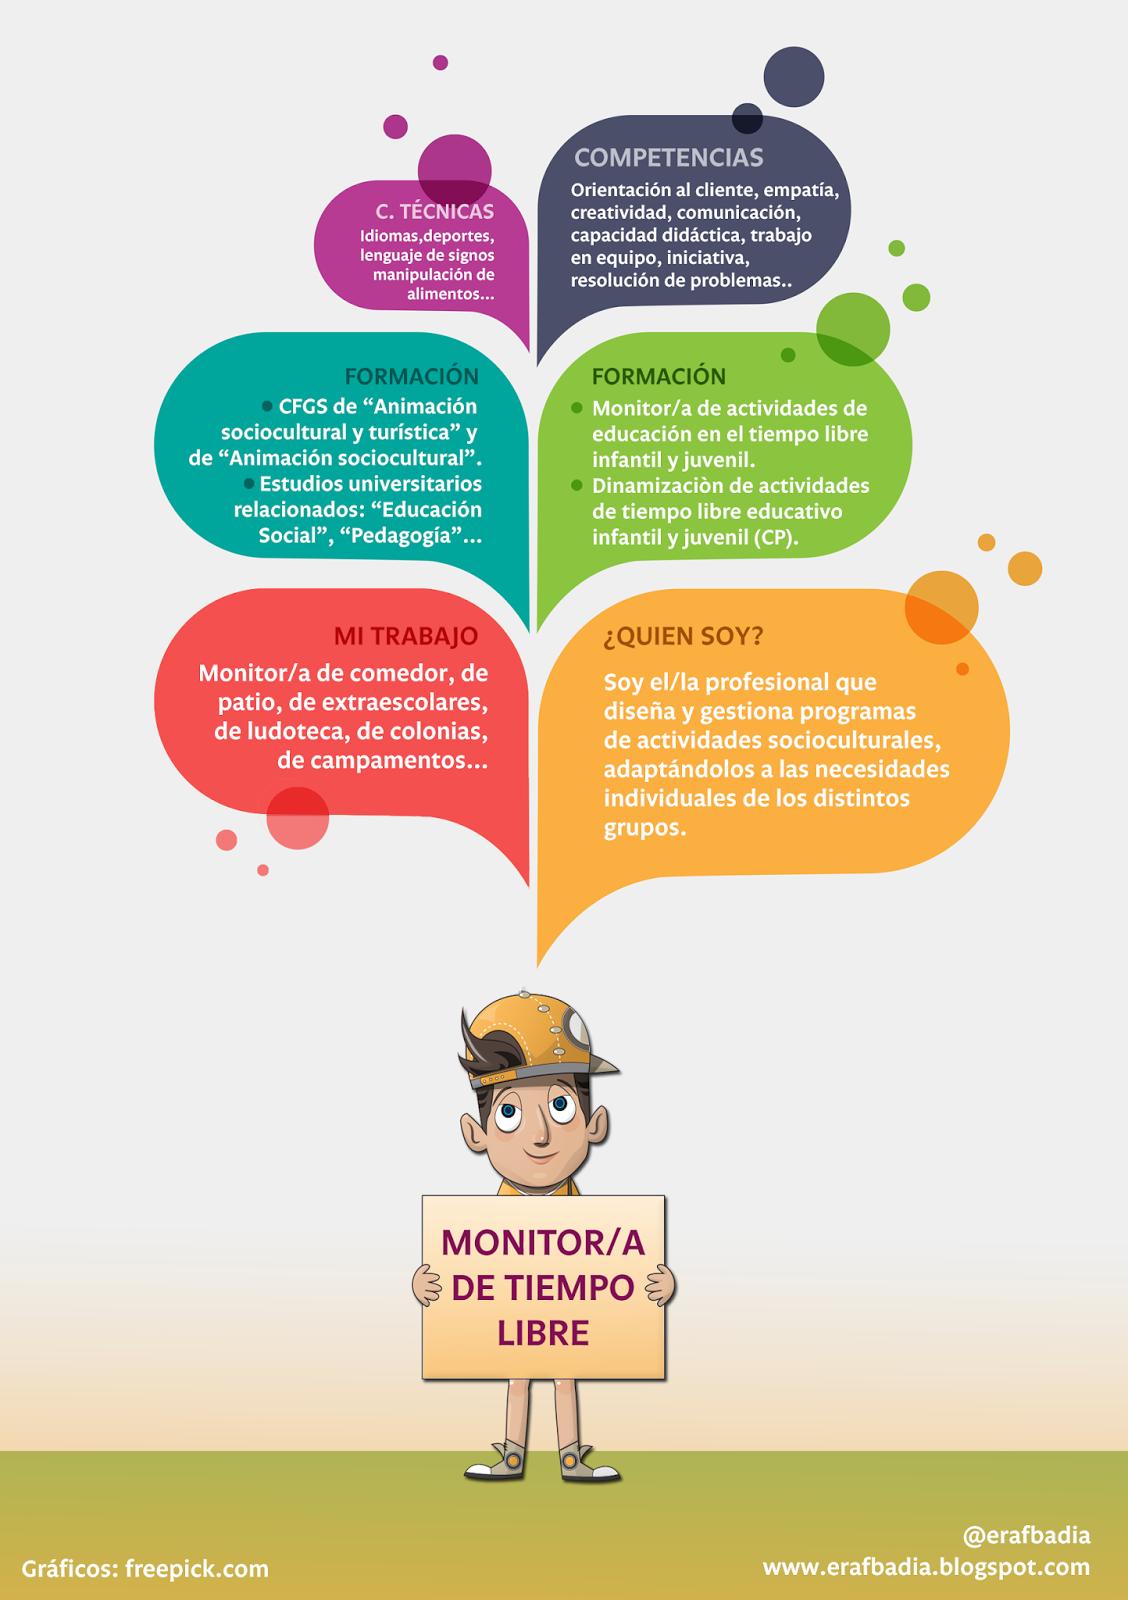 Trabajar de Monitor/a de tiempo libre ~ ESPAI DE RECERCA ACTIVA DE ...